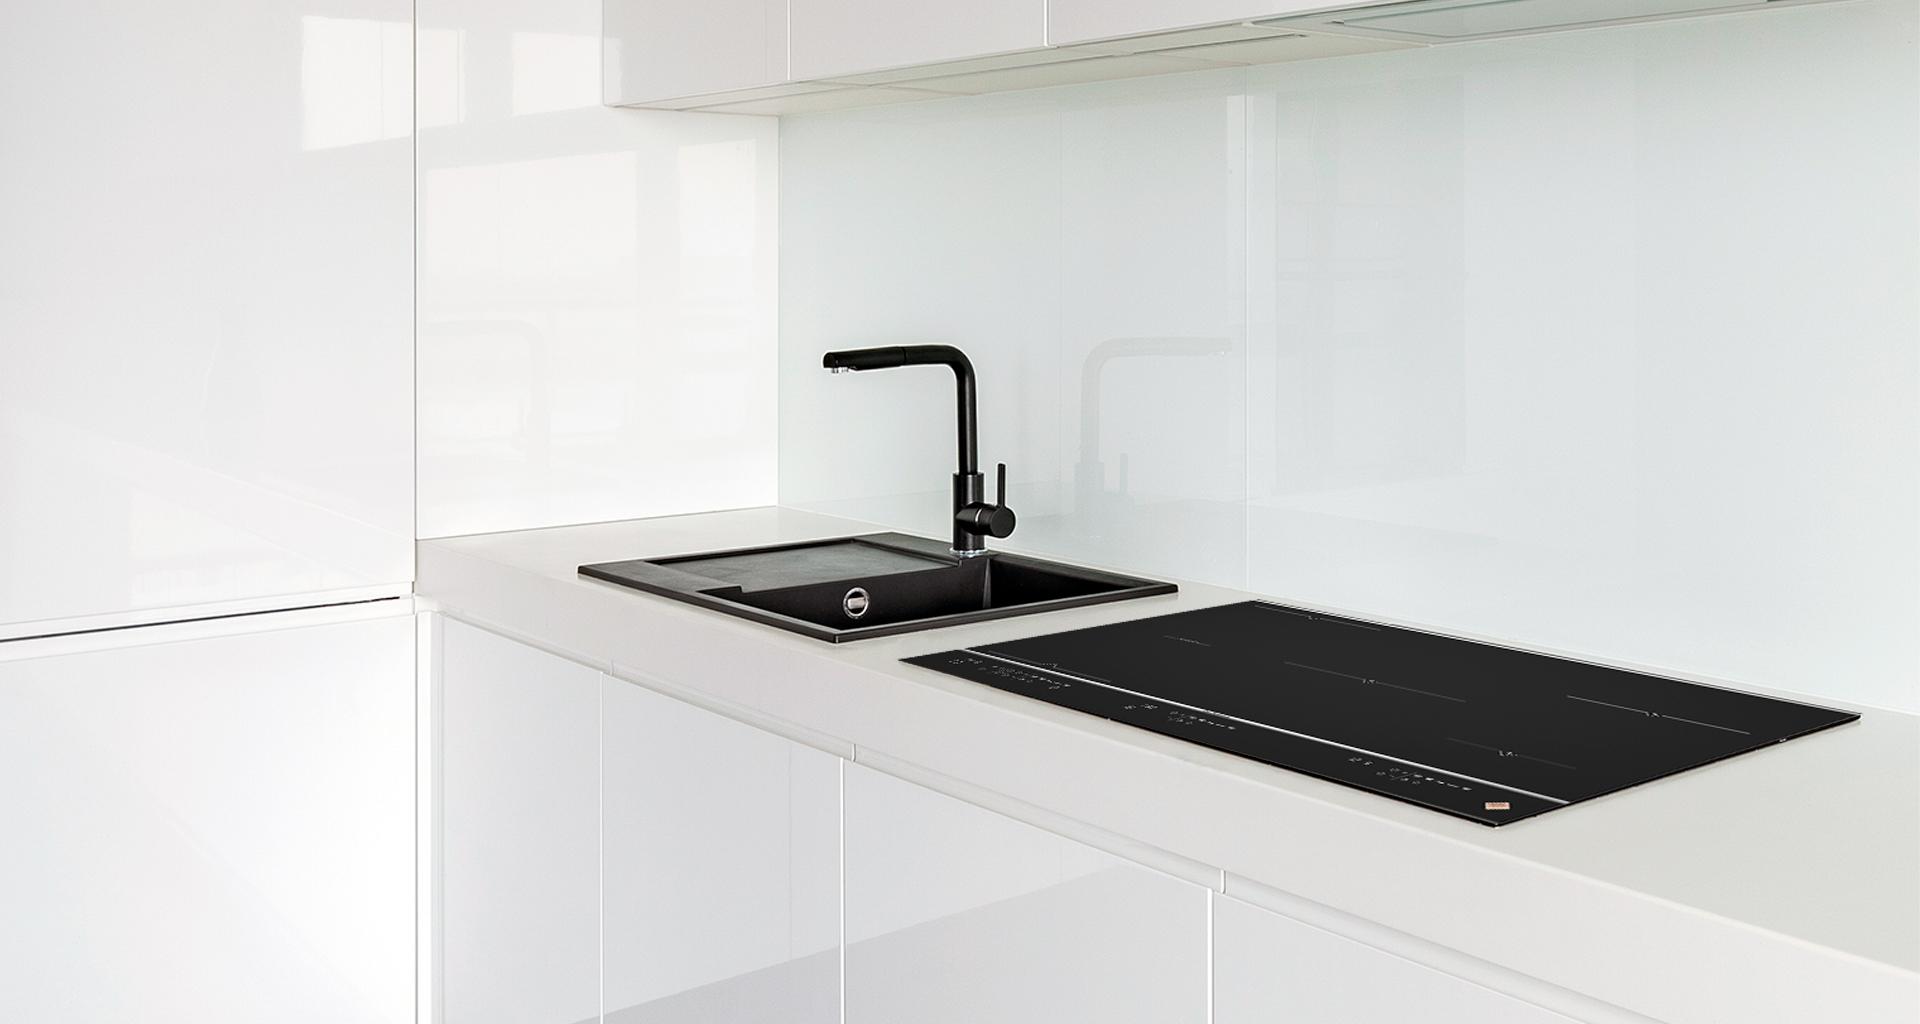 Instalar placa de inducción en cocina